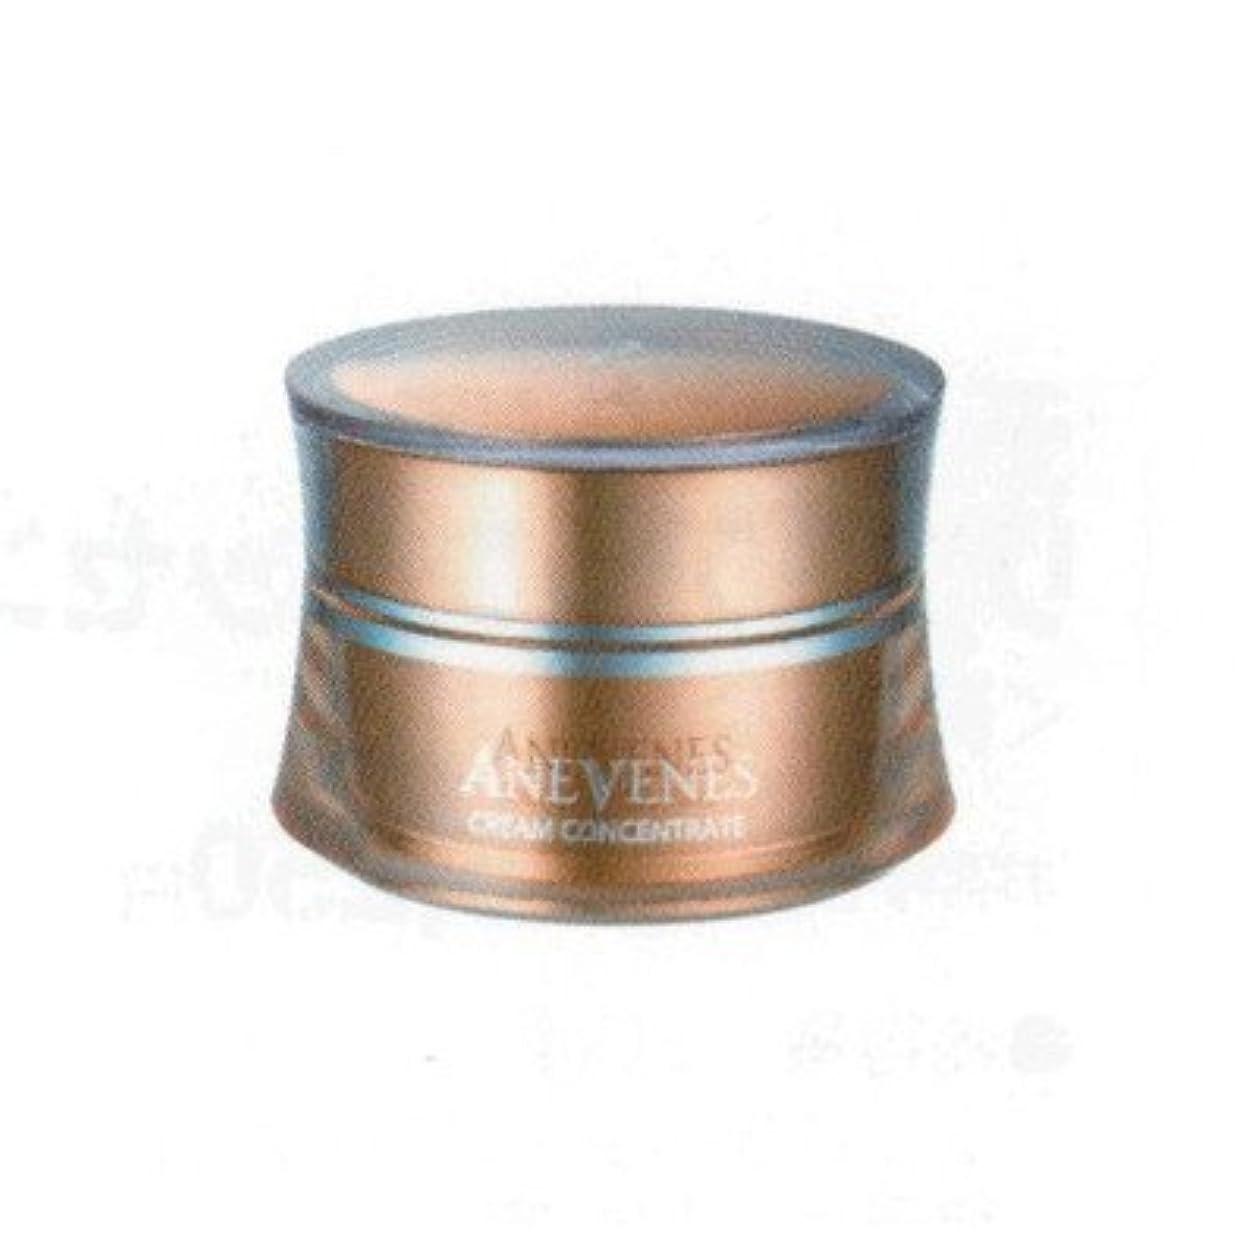 製品勃起証明書ダスキン アニーヴェネス クリームコンセントレート30g